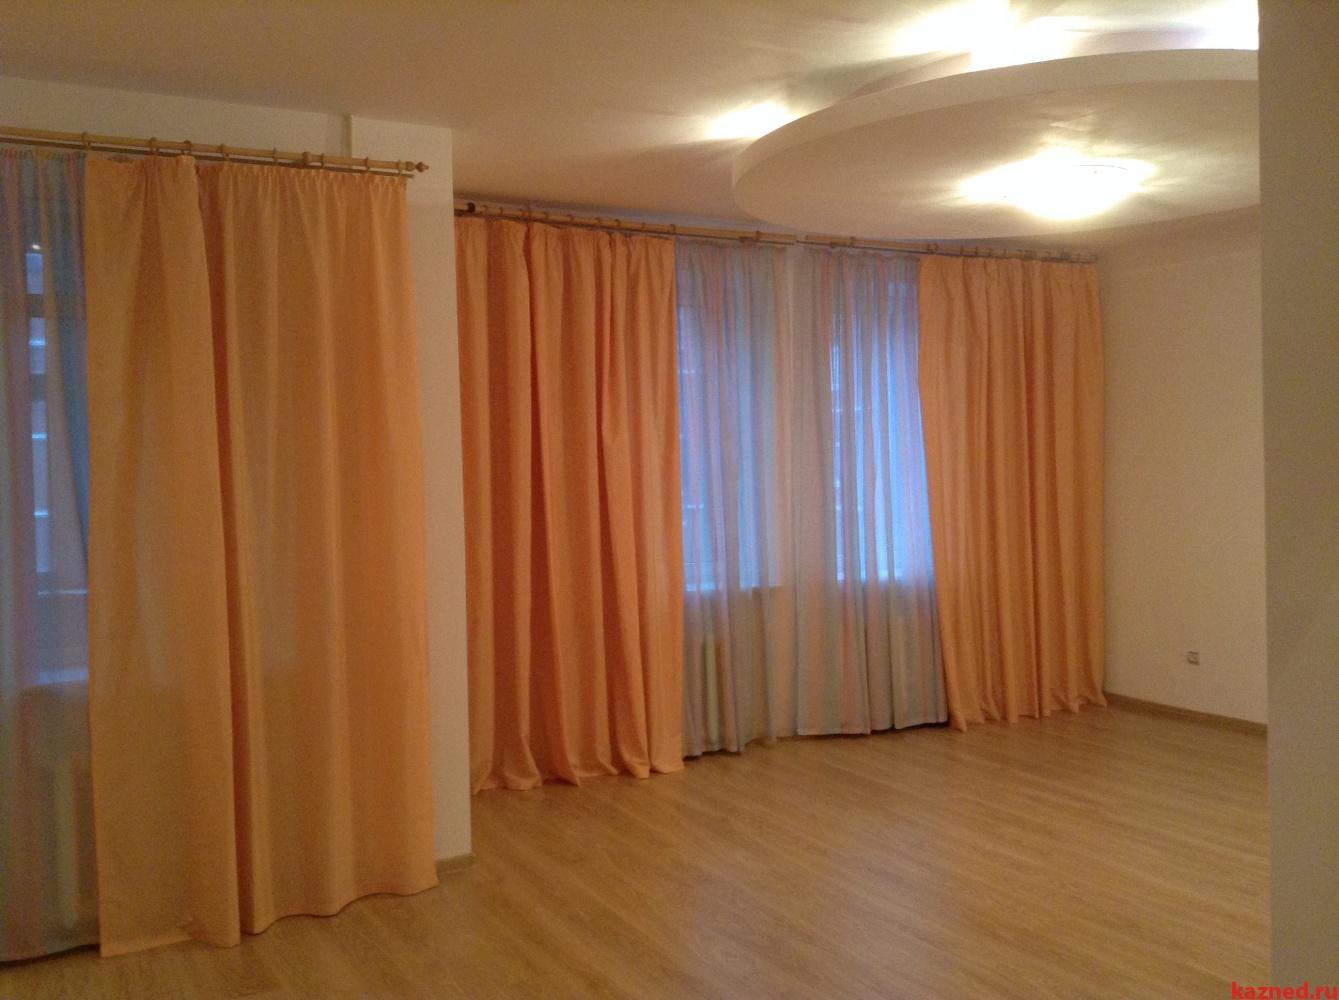 Продажа 4-к квартиры Эсперанто 12В, 150 м²  (миниатюра №7)